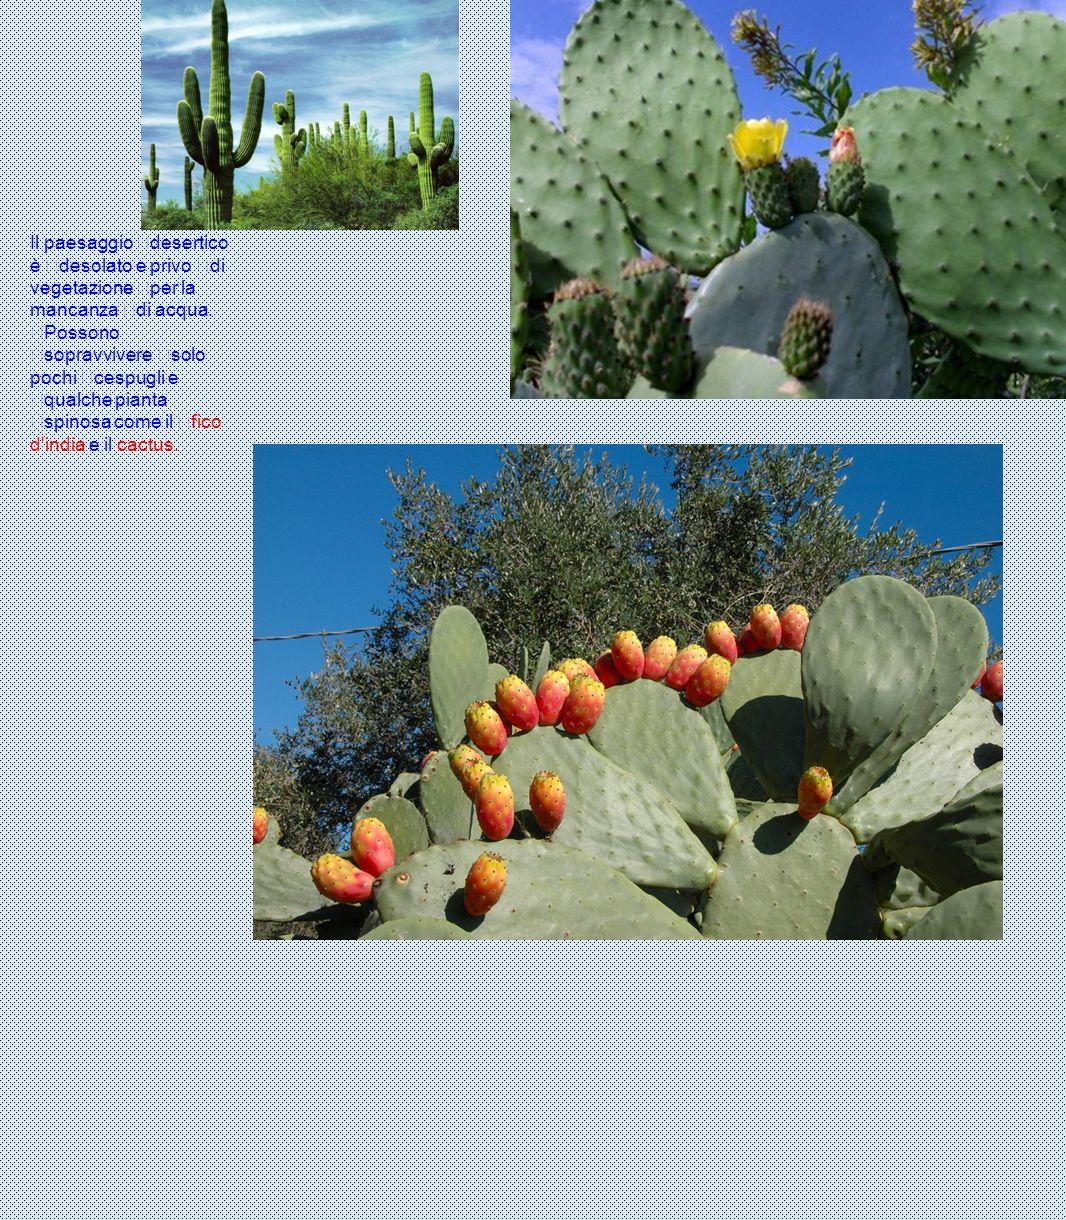 Il paesaggio desertico è desolato e privo di vegetazione per la mancanza di acqua. Possono sopravvivere solo pochi cespugli e qualche pianta spinosa c